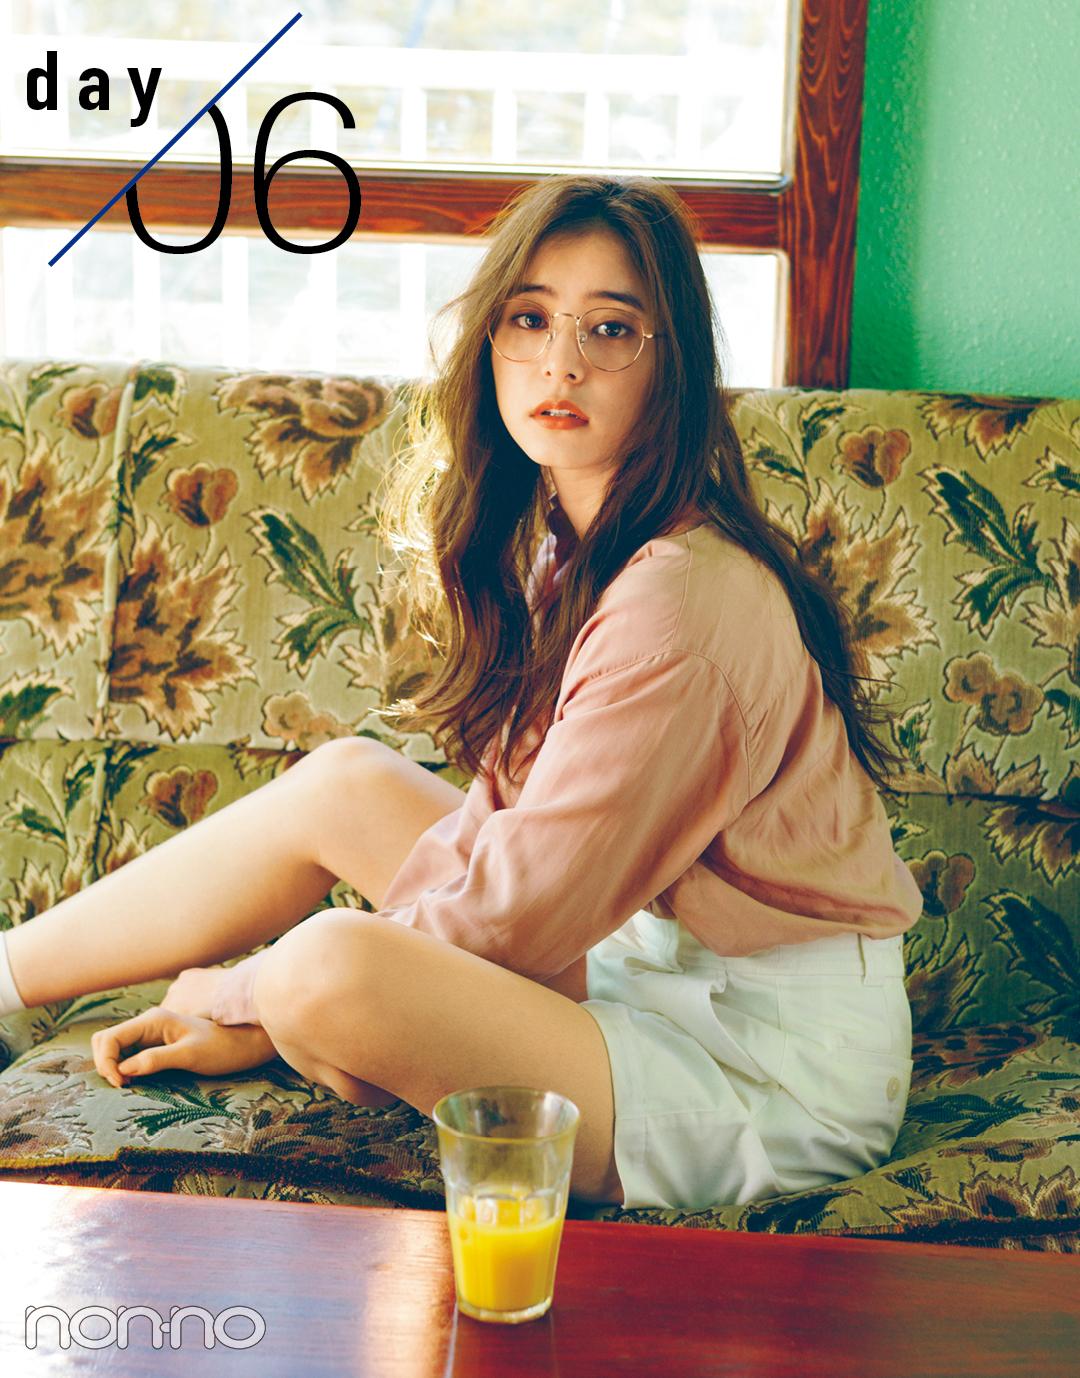 新木優子のハッピー感MAX着回しday6-10♡ 「一緒にいたい女の子」は服で作れる!_1_2-1